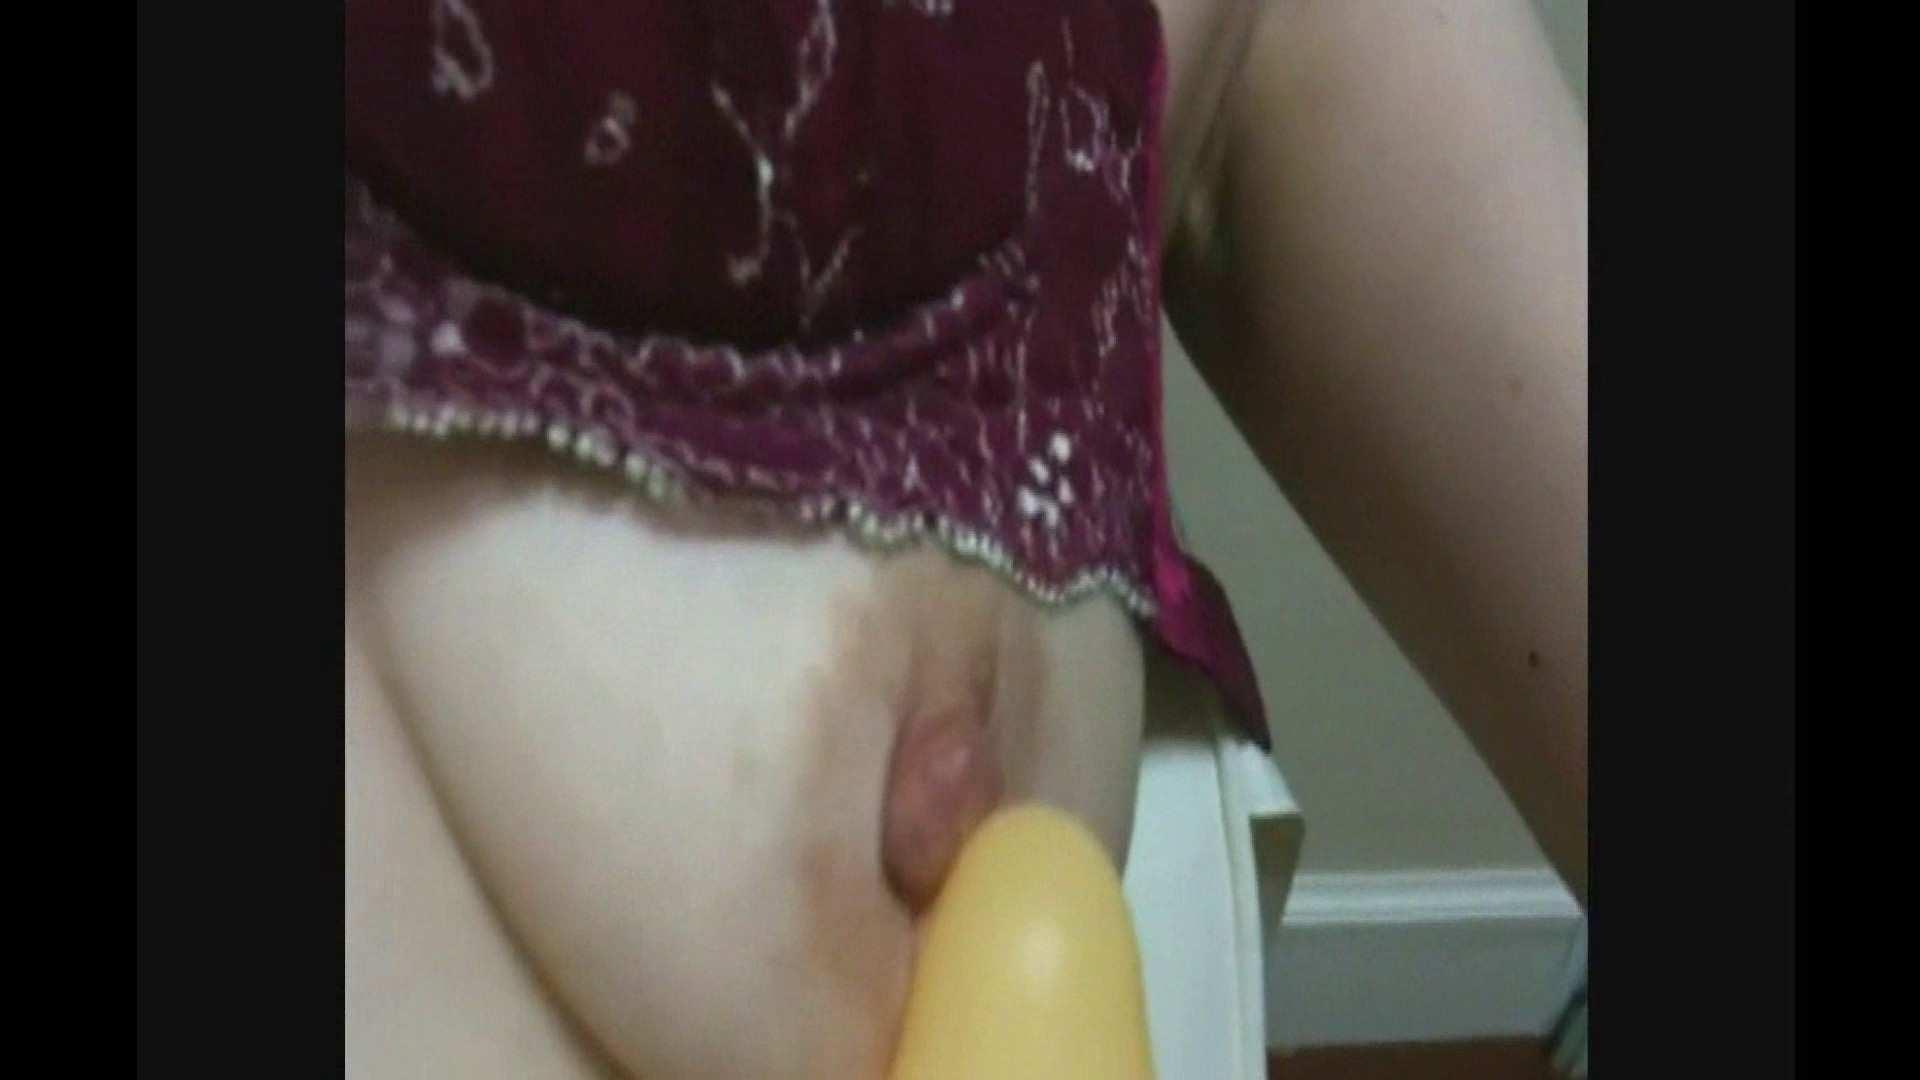 淫乱オナニー百花繚乱 Vol.01 OLの裸事情 おまんこ無修正動画無料 107枚 56